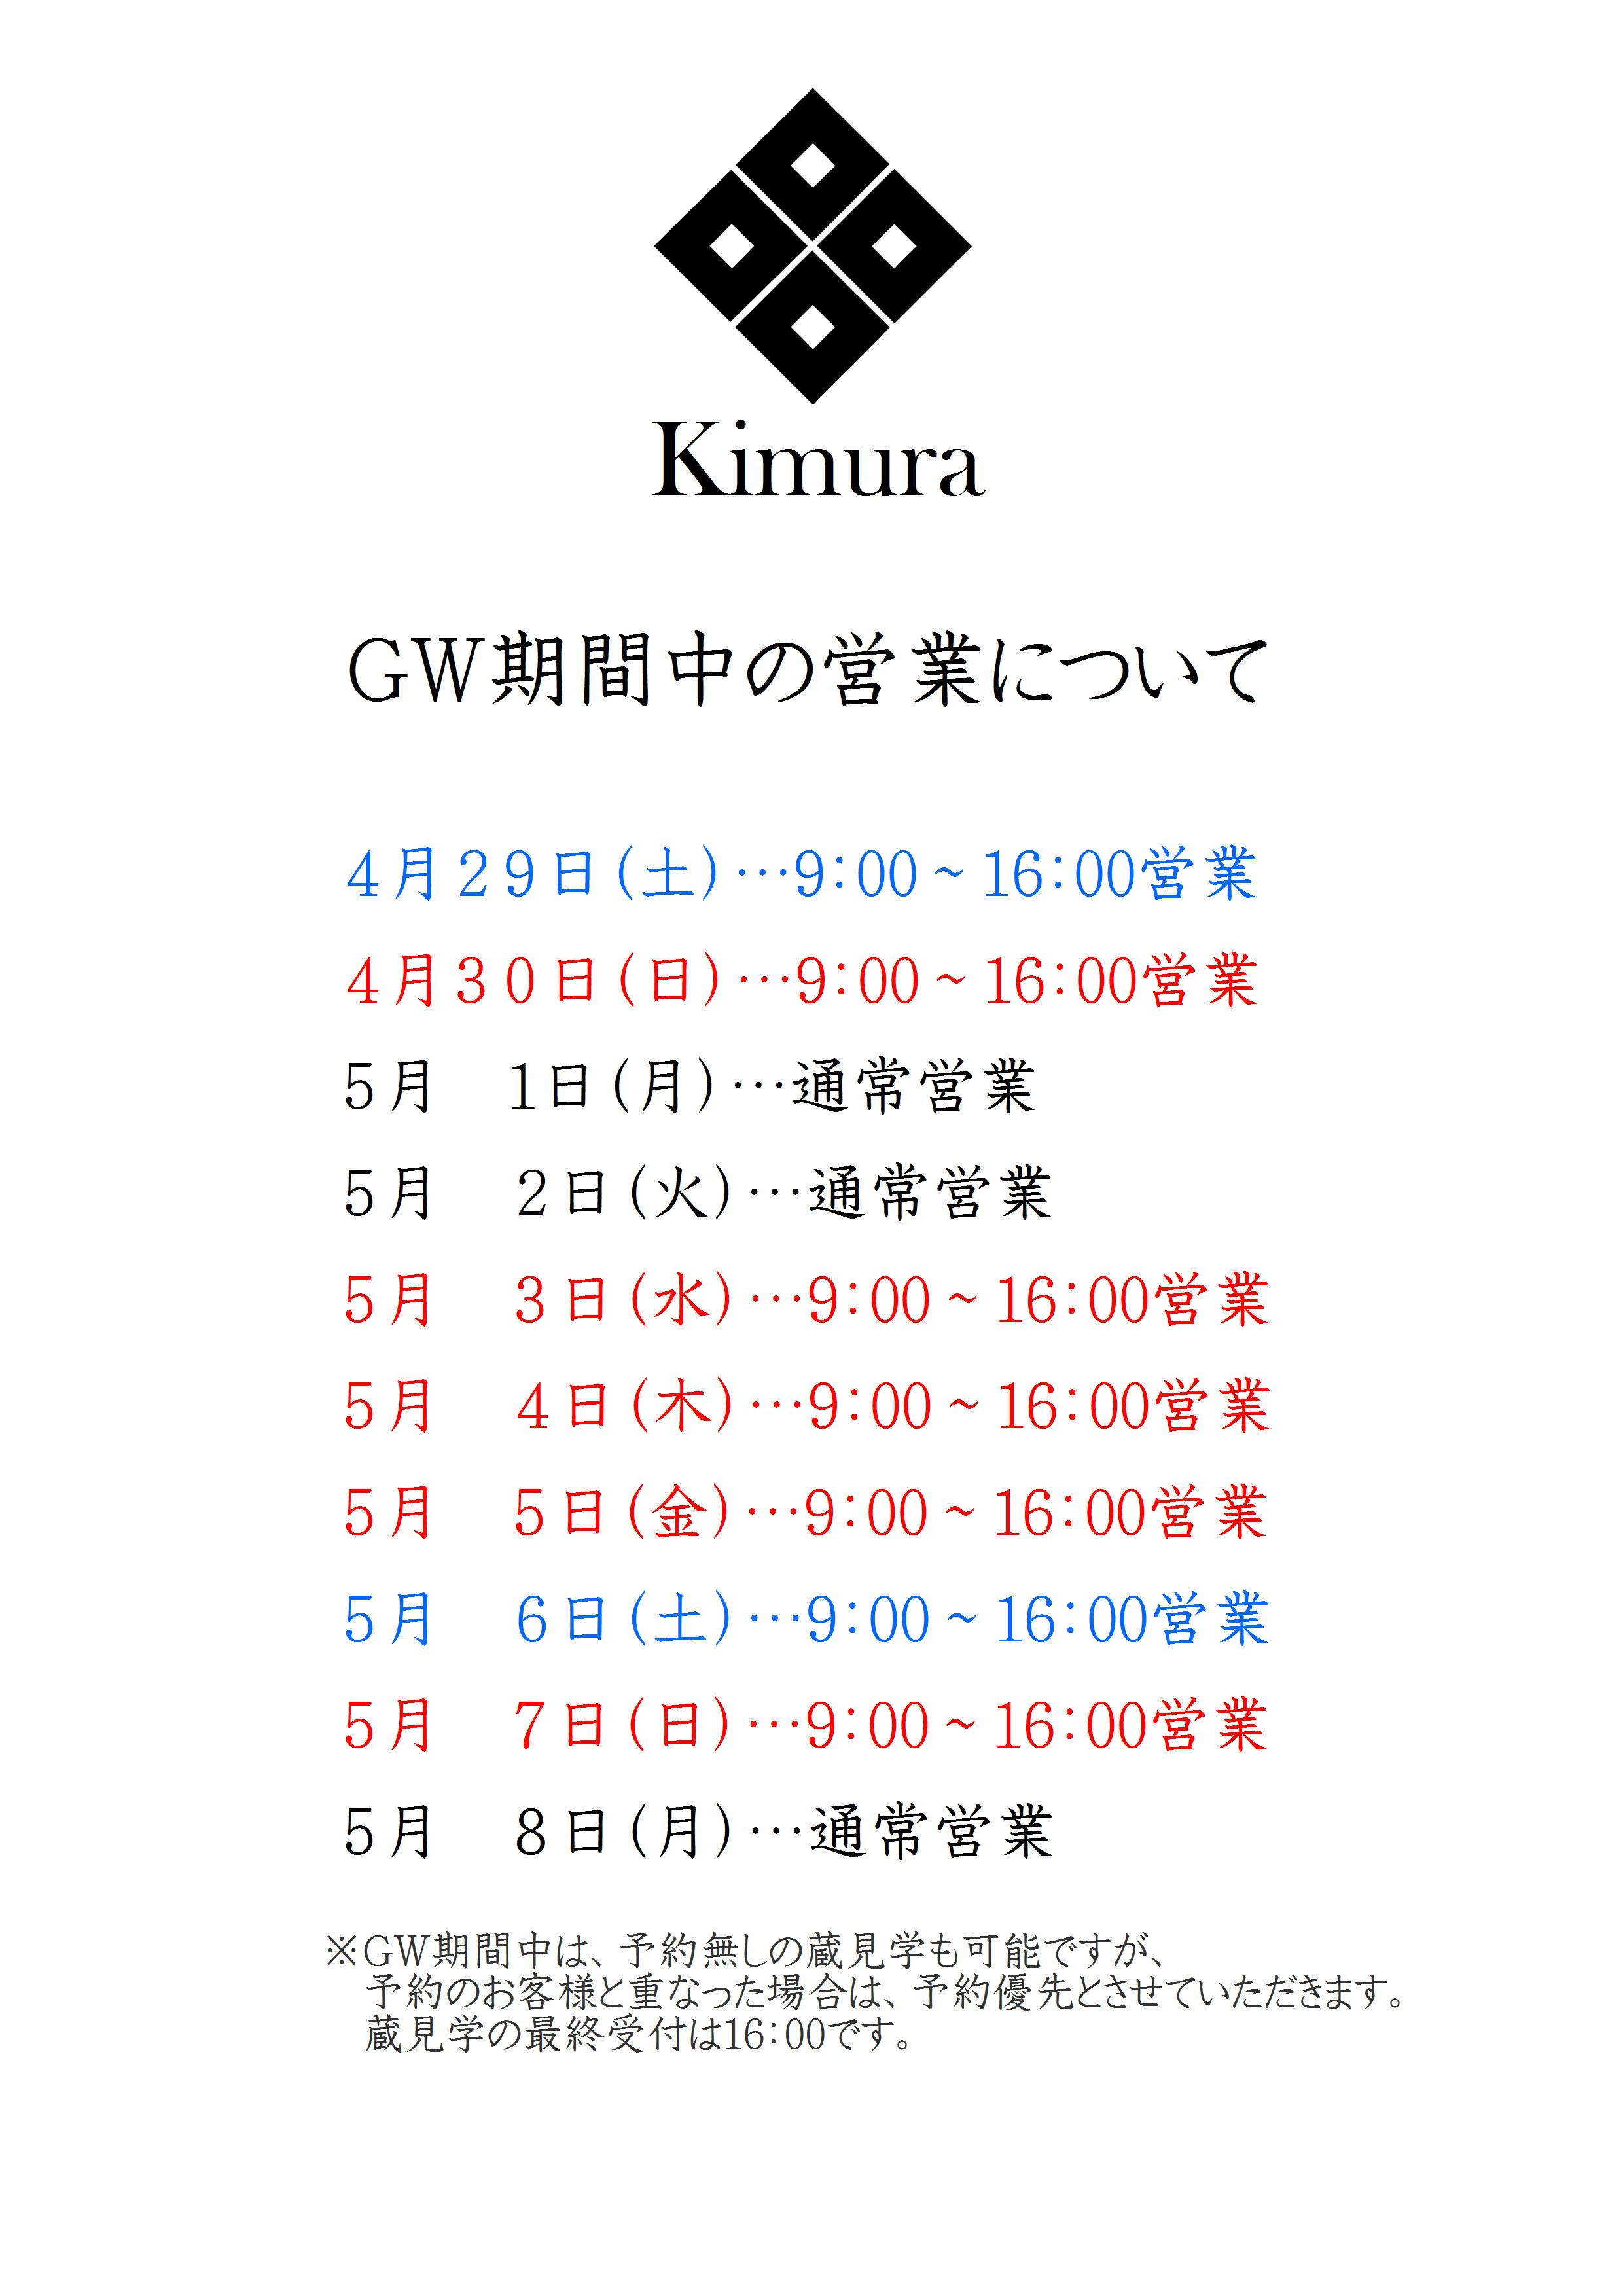 http://www.fukukomachi.com/blog/photo/GW%E3%81%AE%E8%94%B5%E8%A6%8B%E5%AD%A6.JPG